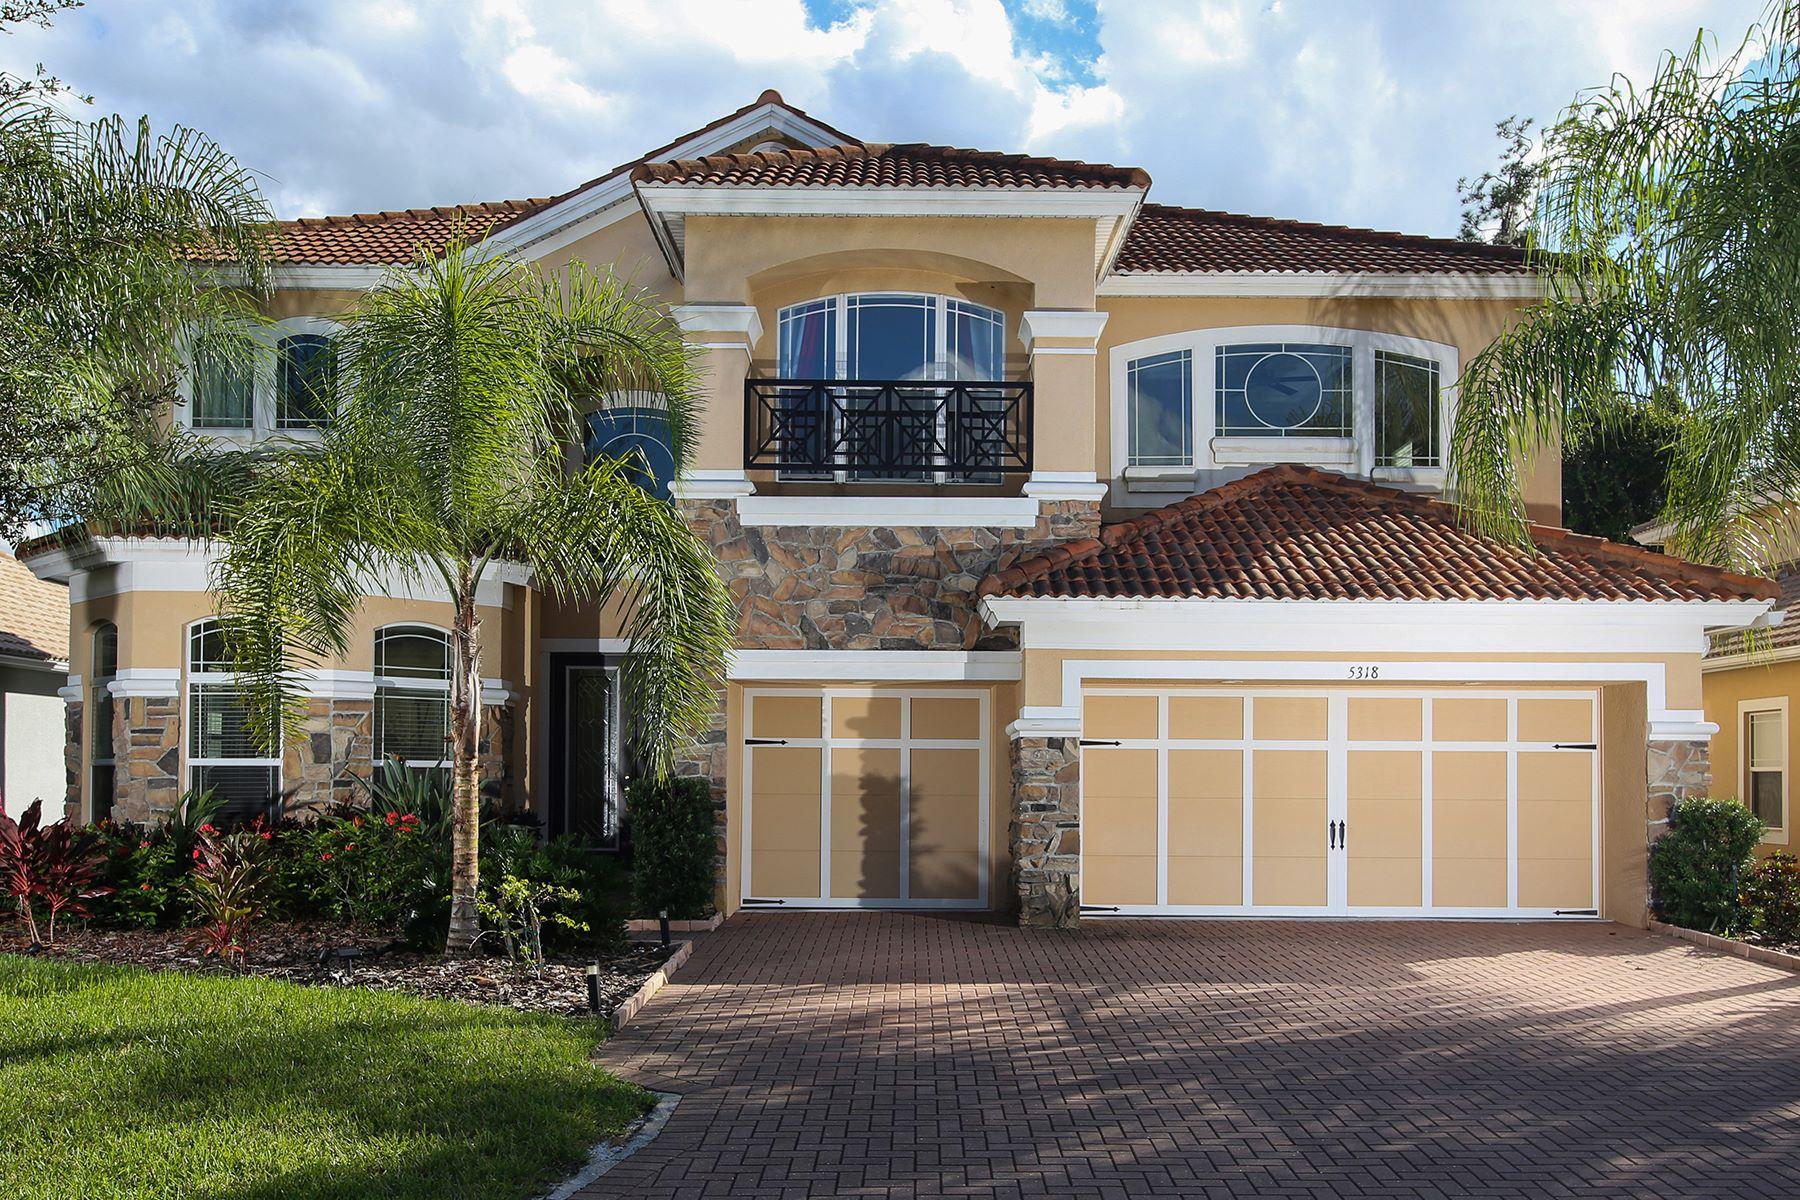 Vivienda unifamiliar por un Venta en SONOMA 5318 Napa Dr Sarasota, Florida, 34243 Estados Unidos